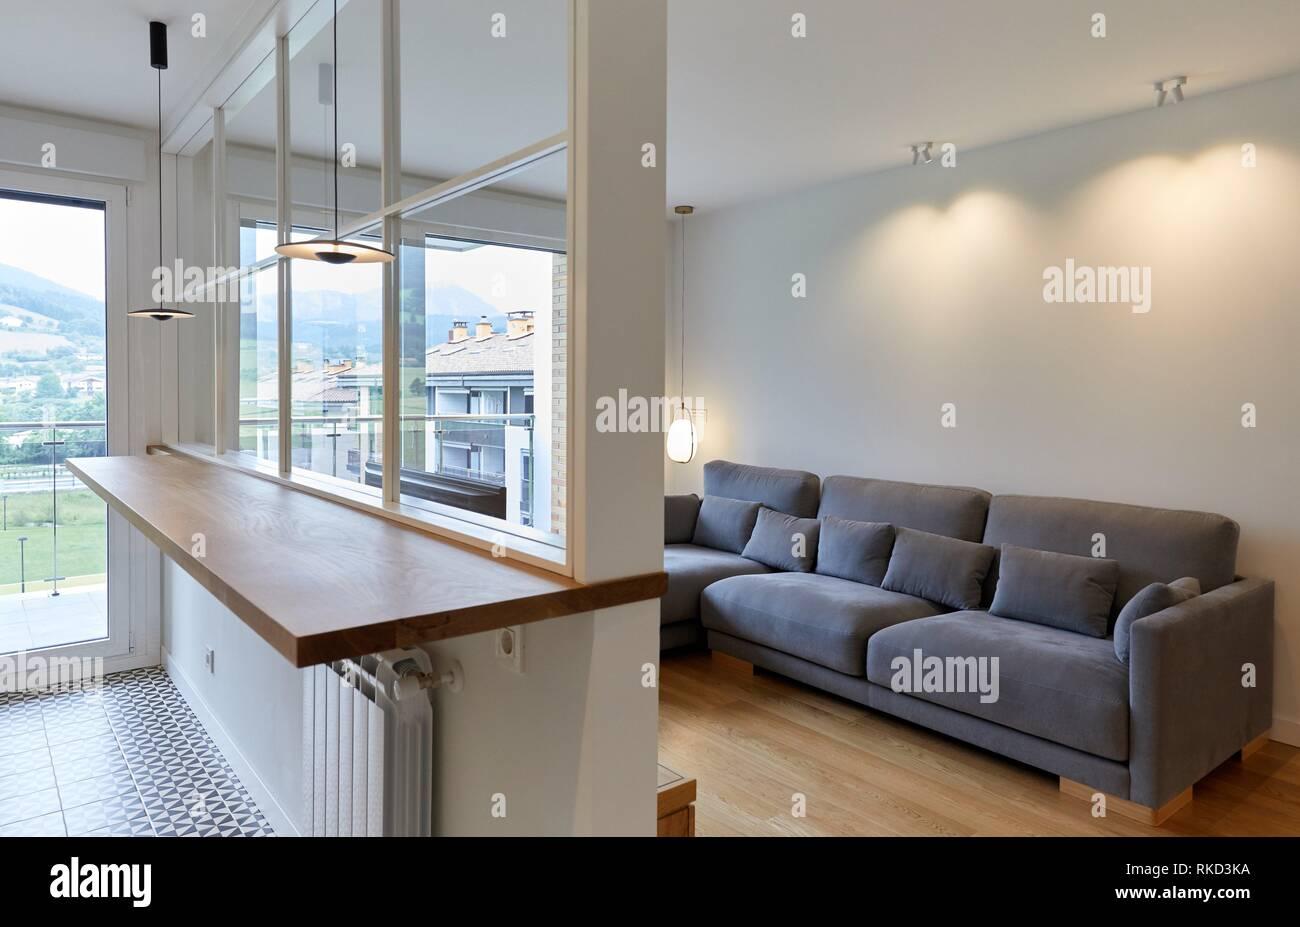 Charmant Salon Et Cuisine, Lu0027éclairage, La Décoration Intérieure Du Logement, Oñati,  Gipuzkoa, Pays Basque, Espagne, Europe